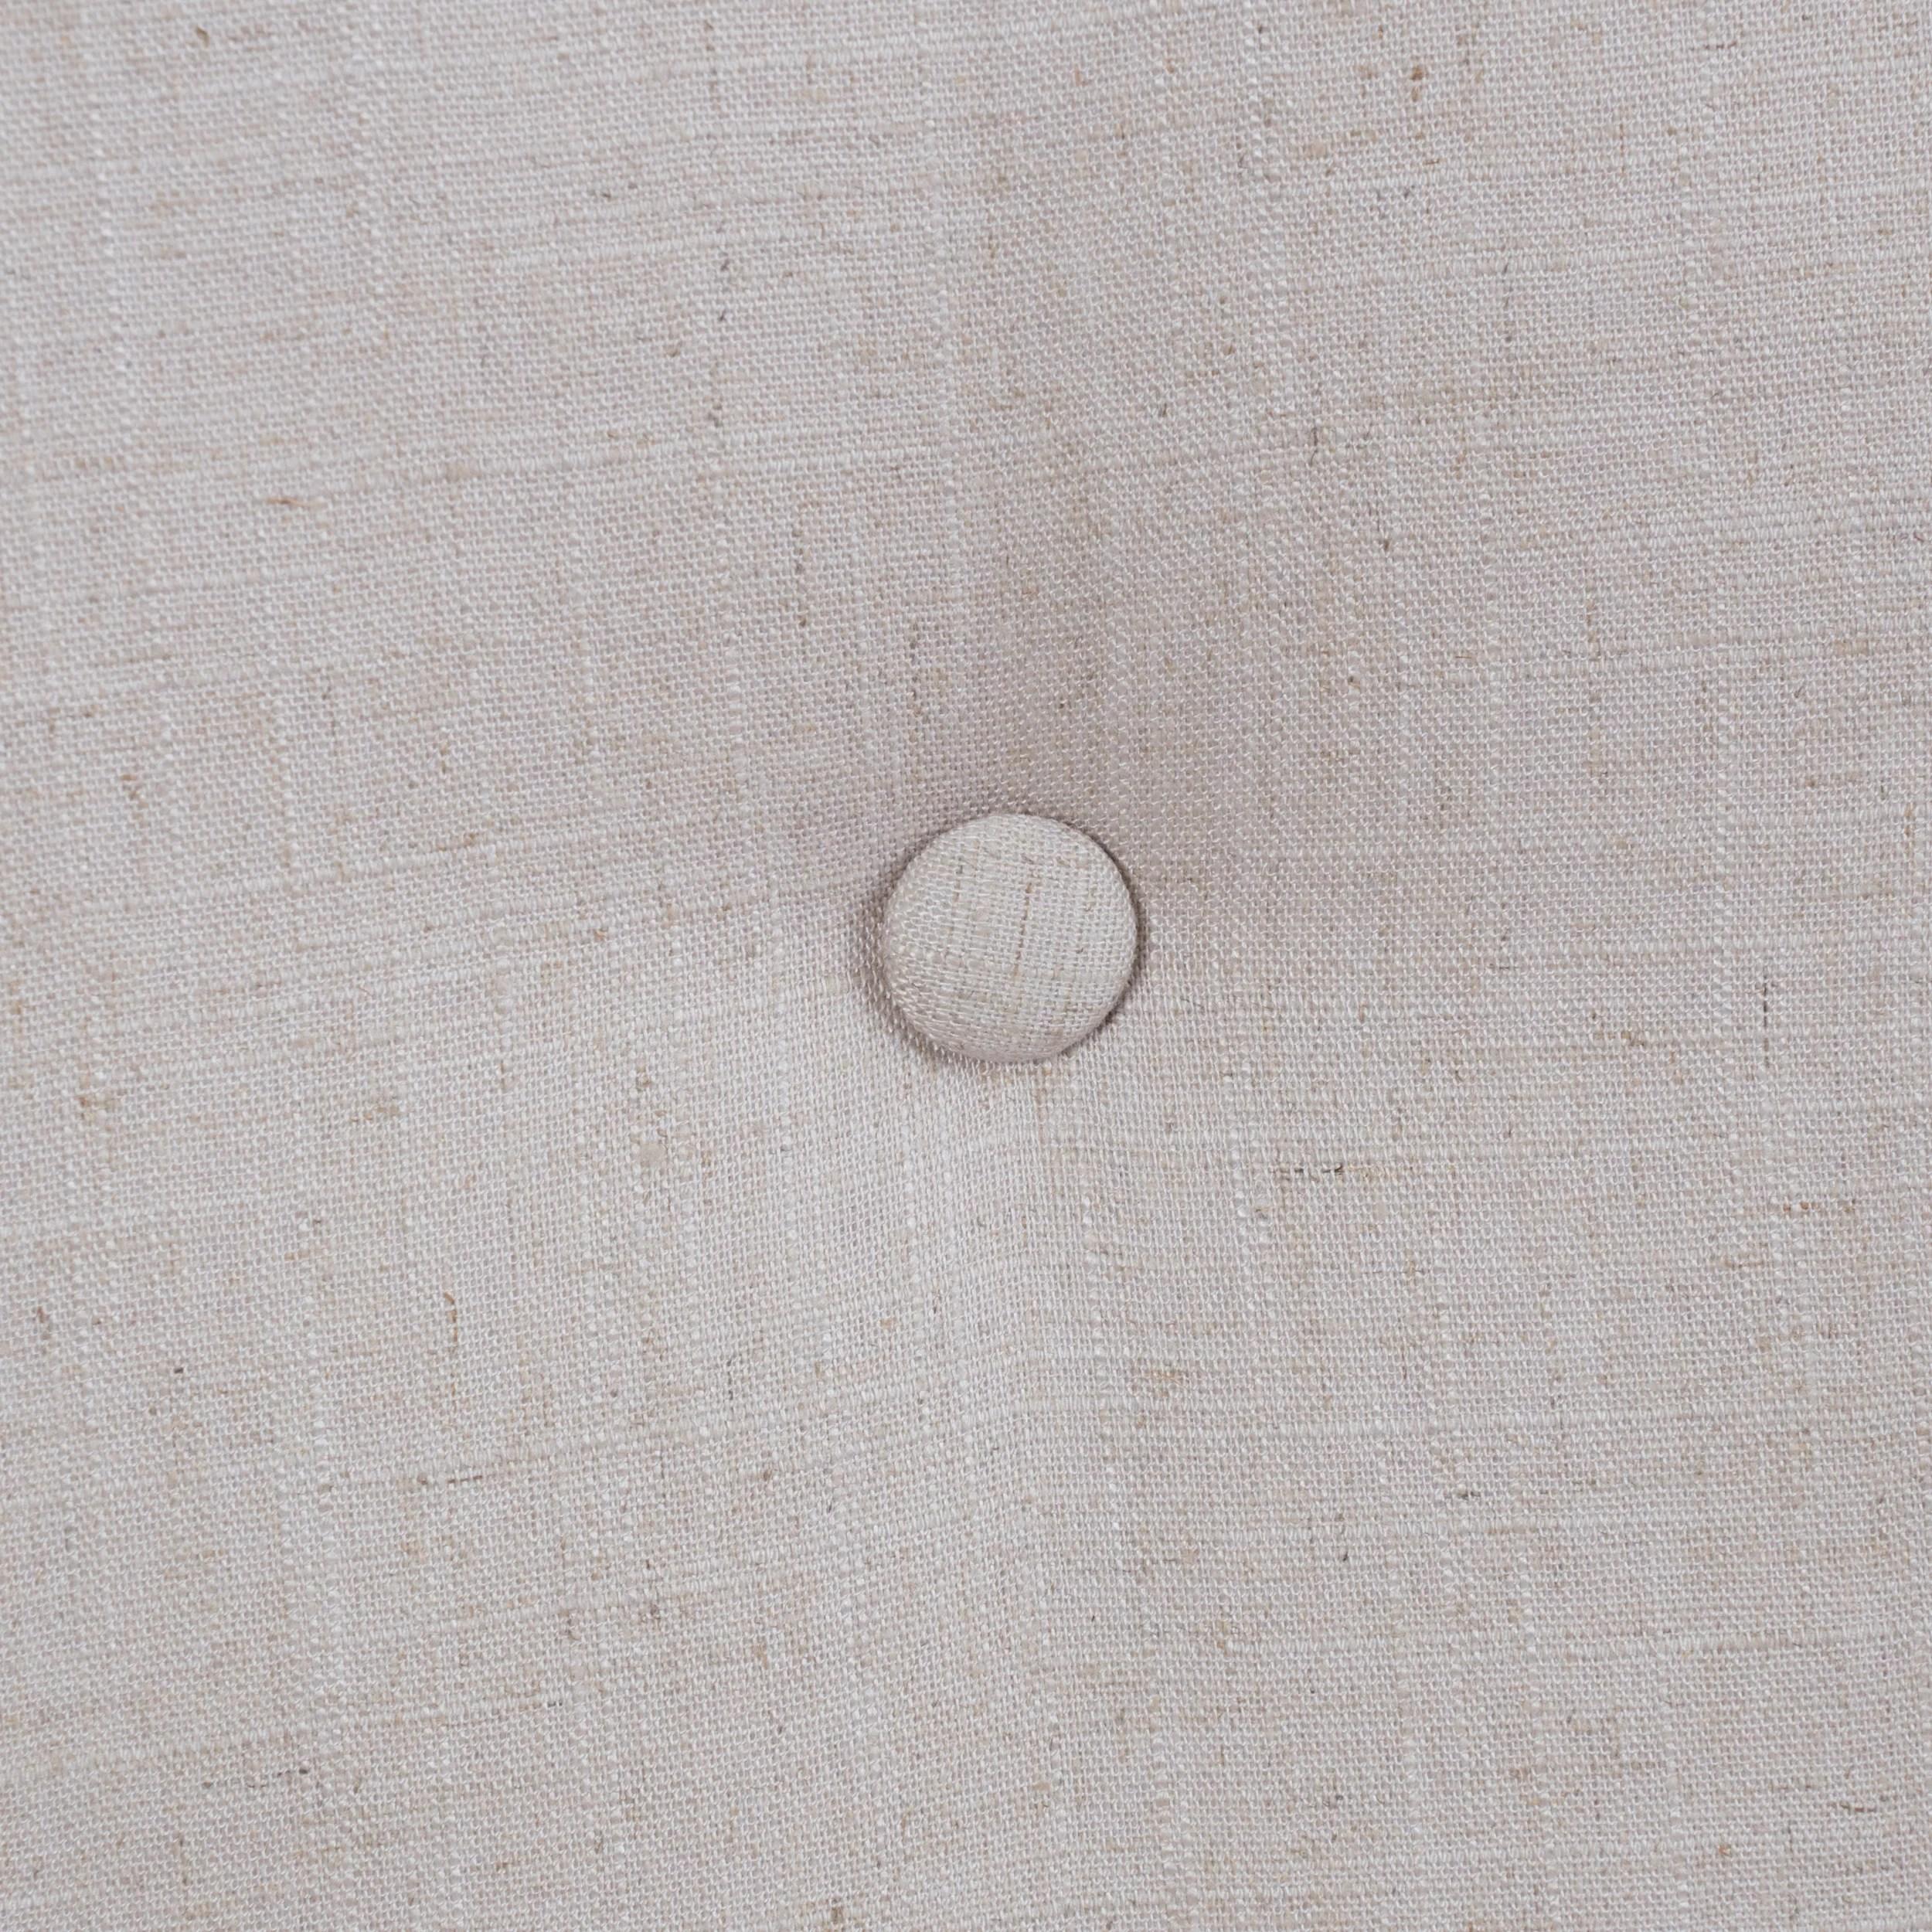 Lark Manor Guyette Upholstered Bedroom Bench Amp Reviews